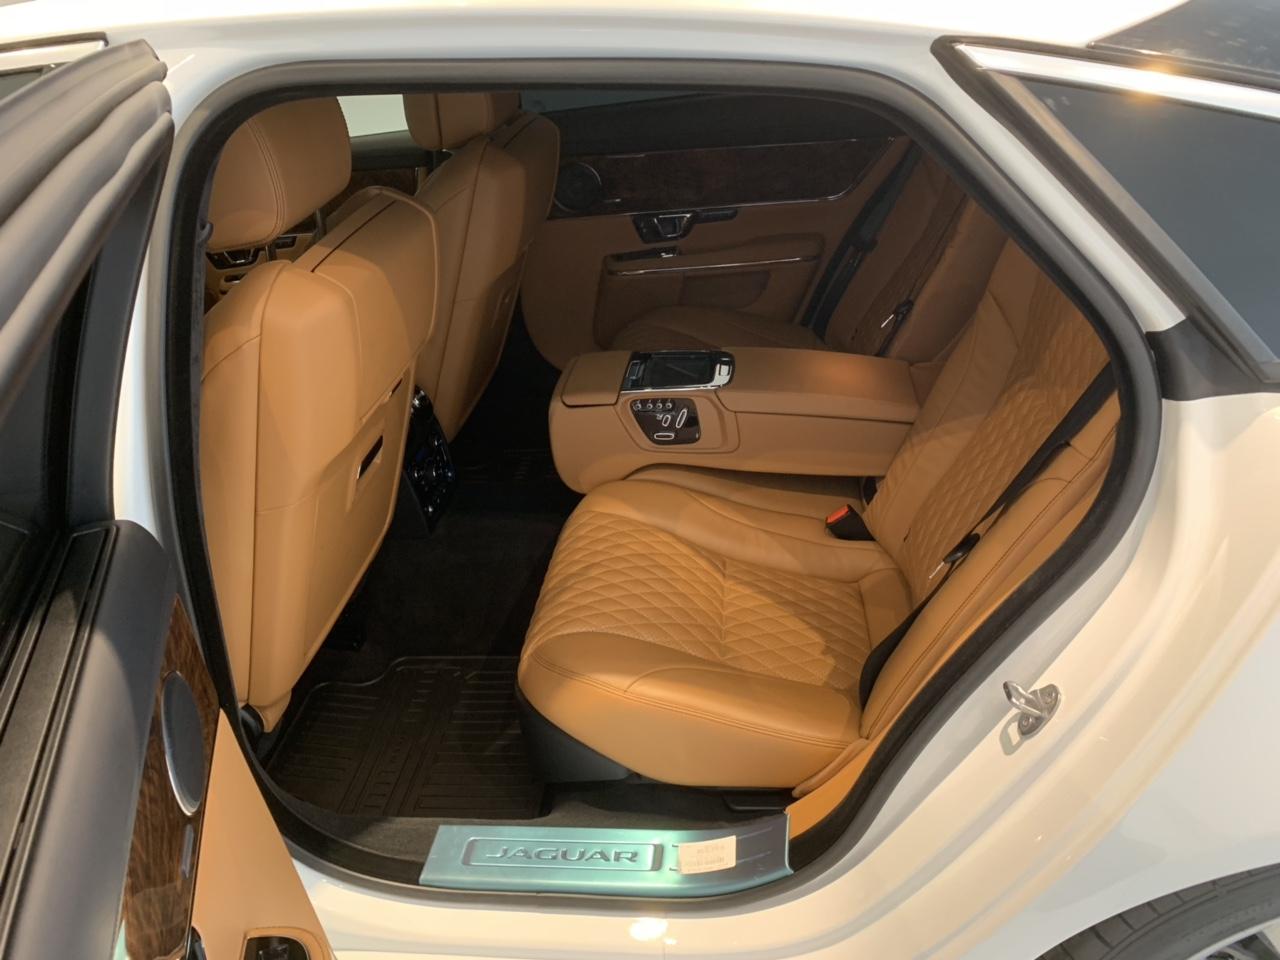 Giá Xe Jaguar XJL Phiên Bản 3.0 V6 Đời Mới Model 2019 Bao Nhiêu Tiền, Mẫu Sedan cao cấp cua thương hiệu Jaguar Anh QUốc được nhập khẩu trực tiếp từ nước Anh về Việt Nam với mức giá 6,6 tỷ